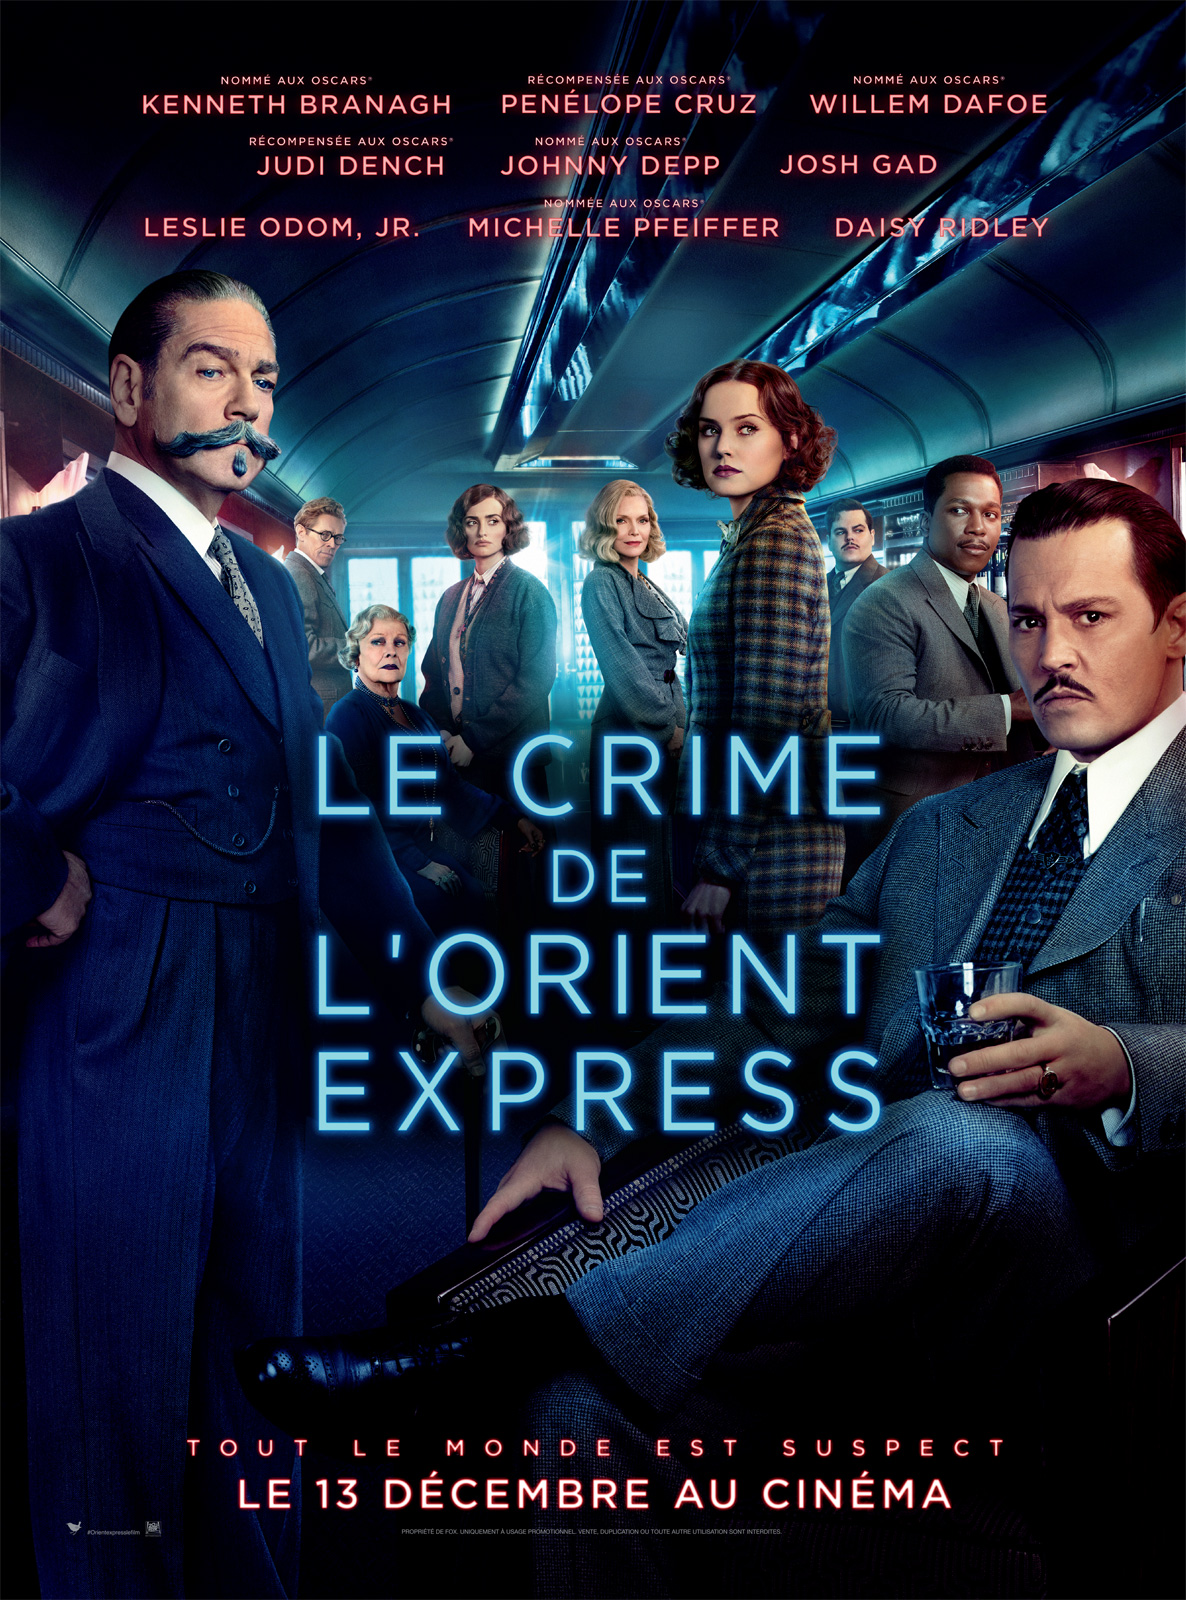 """Résultat de recherche d'images pour """"dvd le crime de l'orient express"""""""